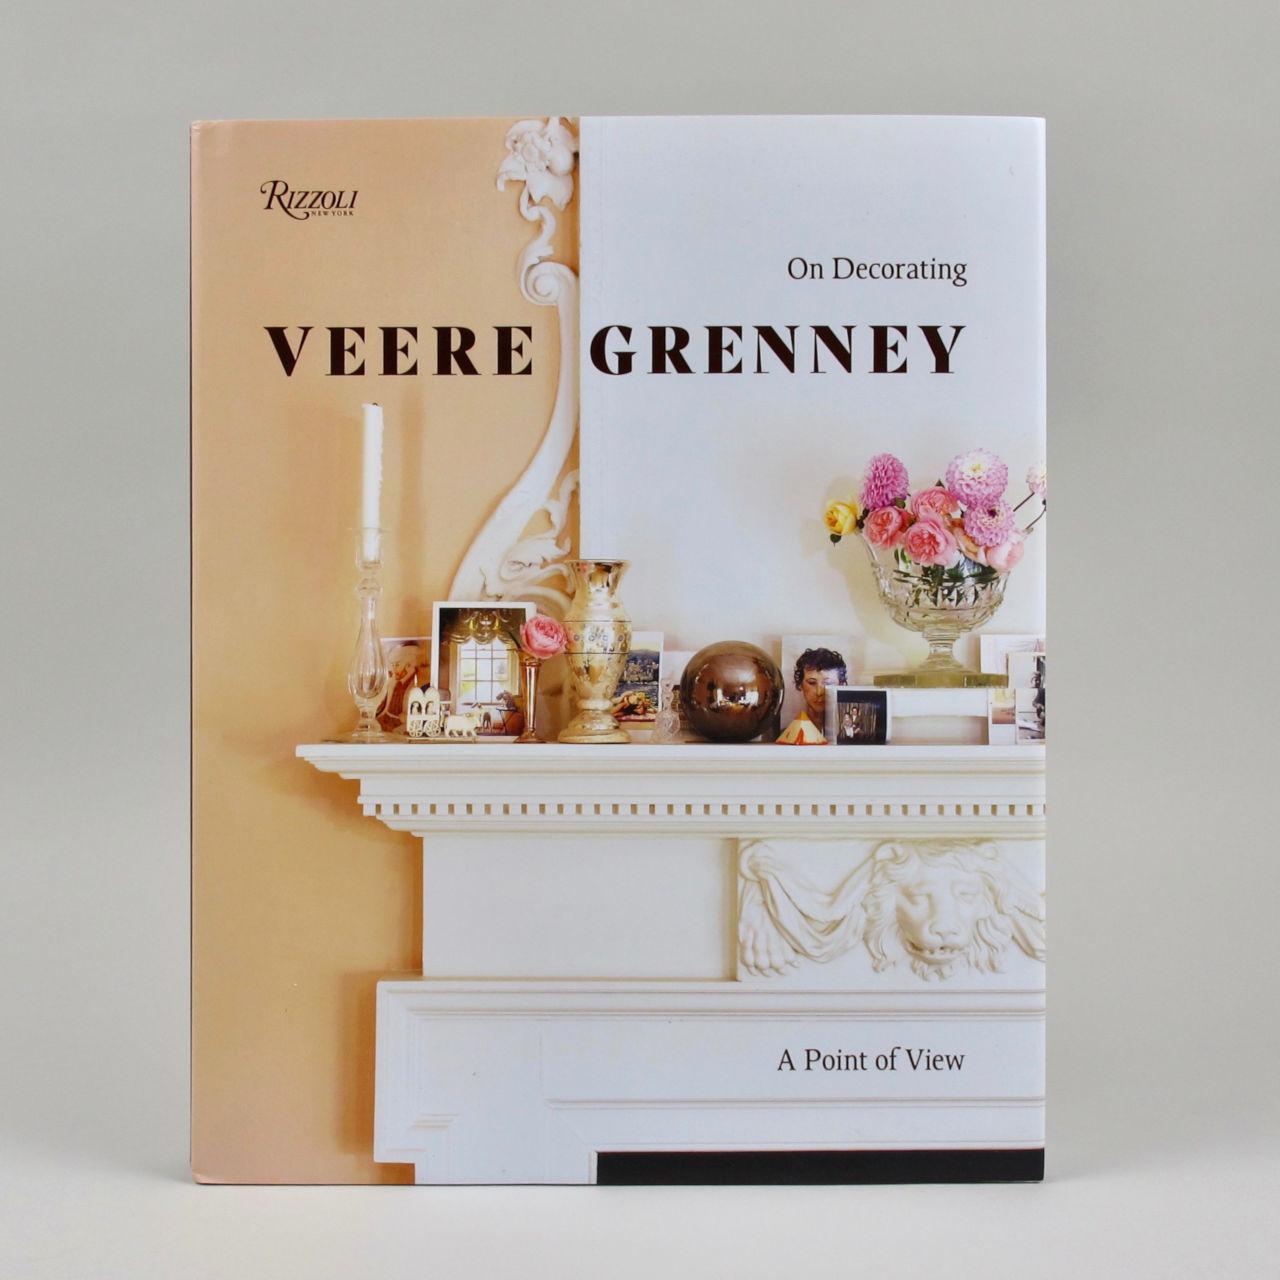 On Decorating - Veere Grenney